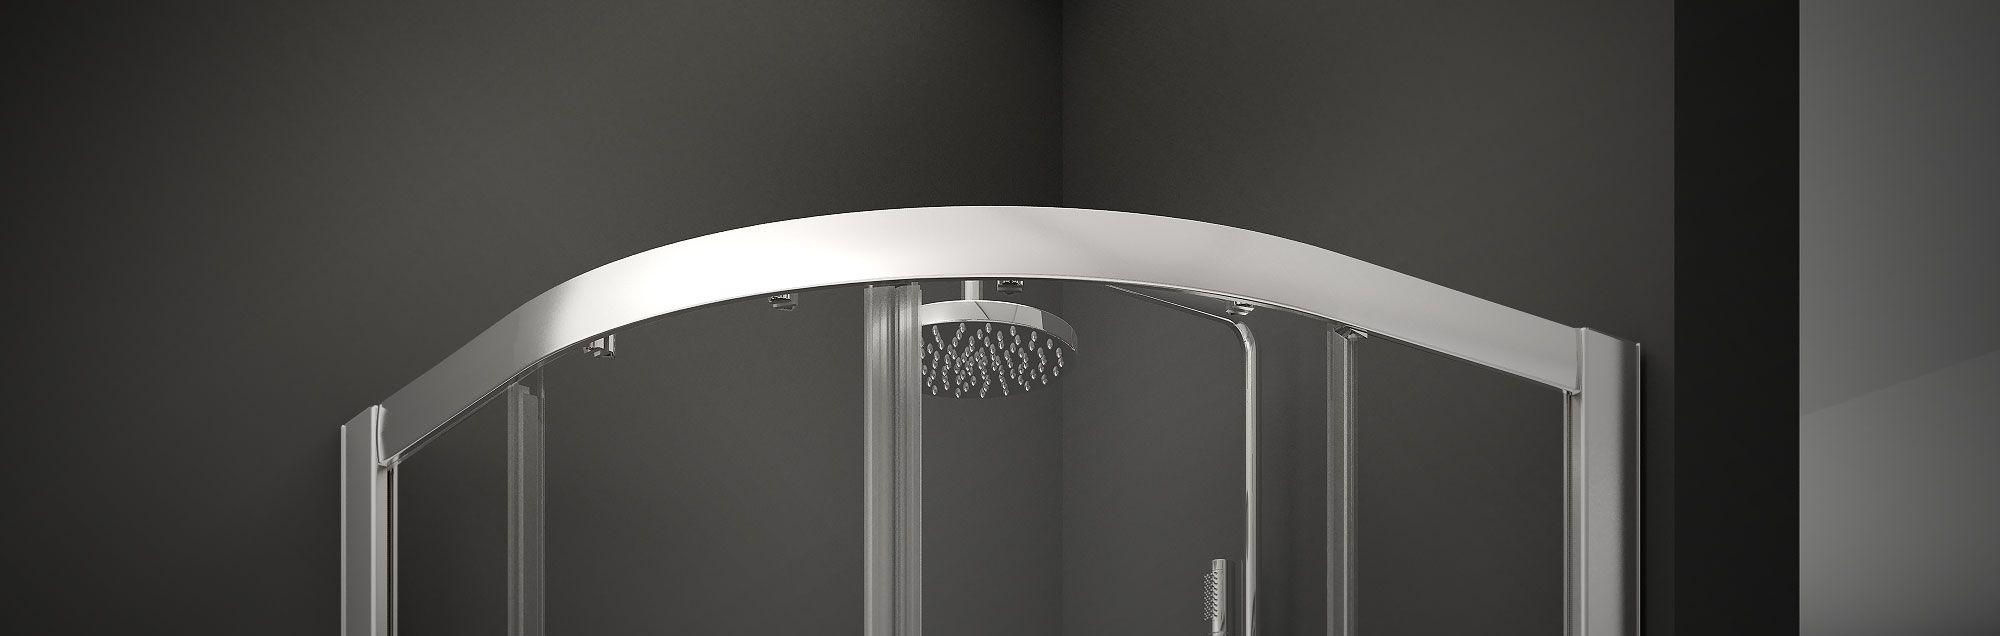 Serie Cristaldux di box doccia per vasca scorrevoli su misura